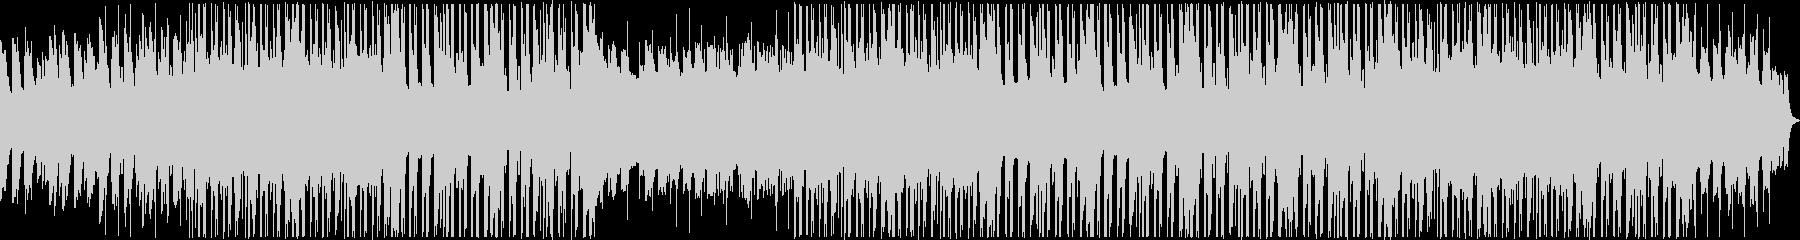 セクシー リズミカル トラップソウルの未再生の波形